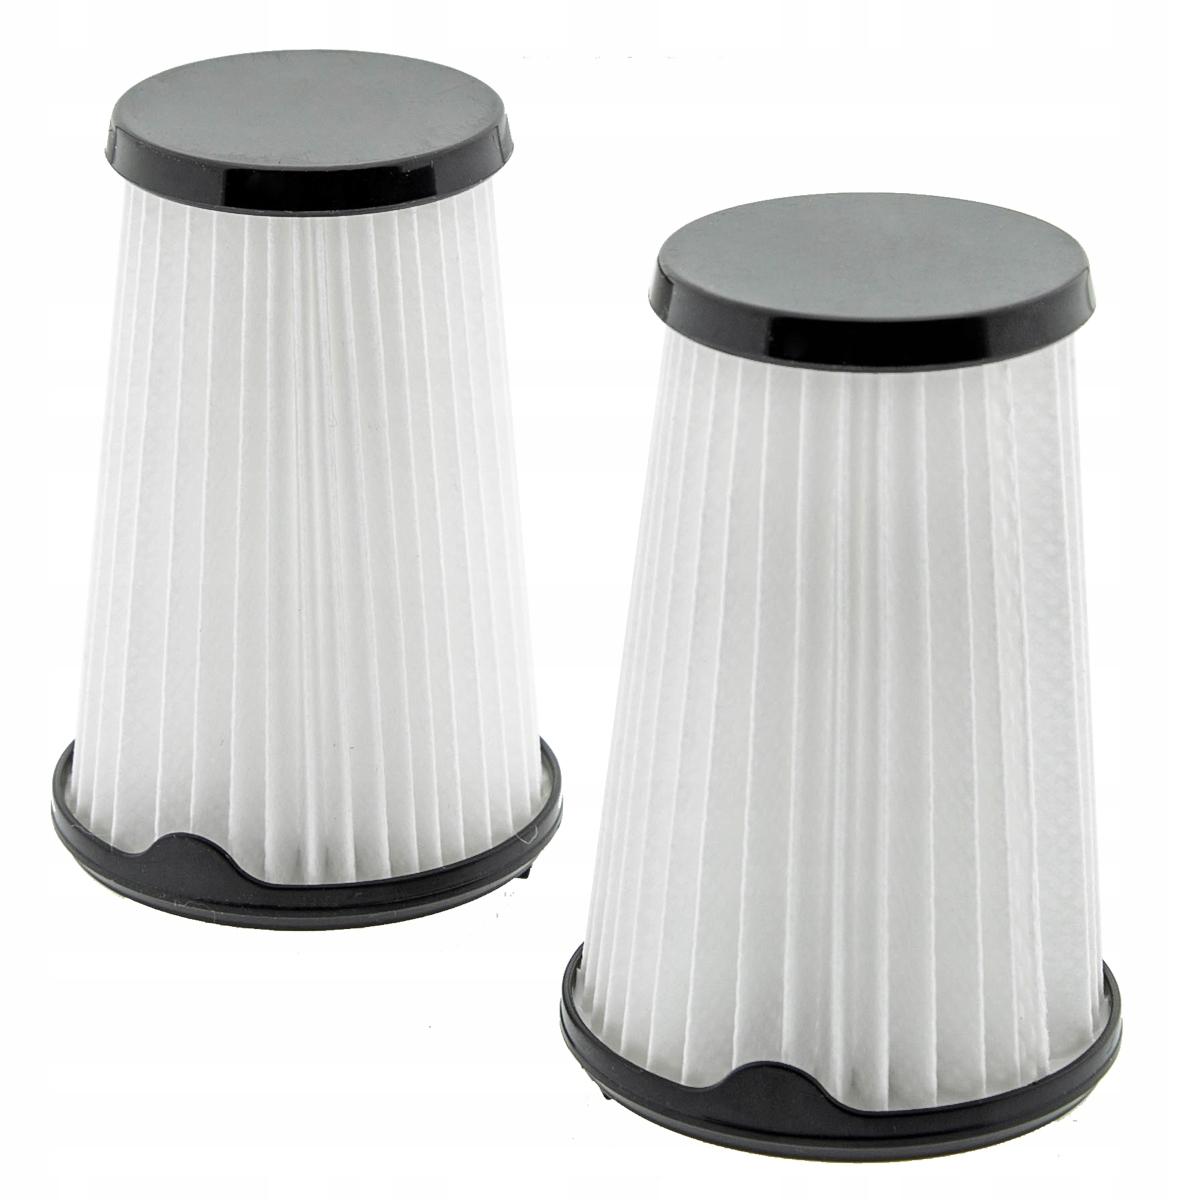 Sada dvoch filtrov pre vysávač AEG CX7-2-35RM